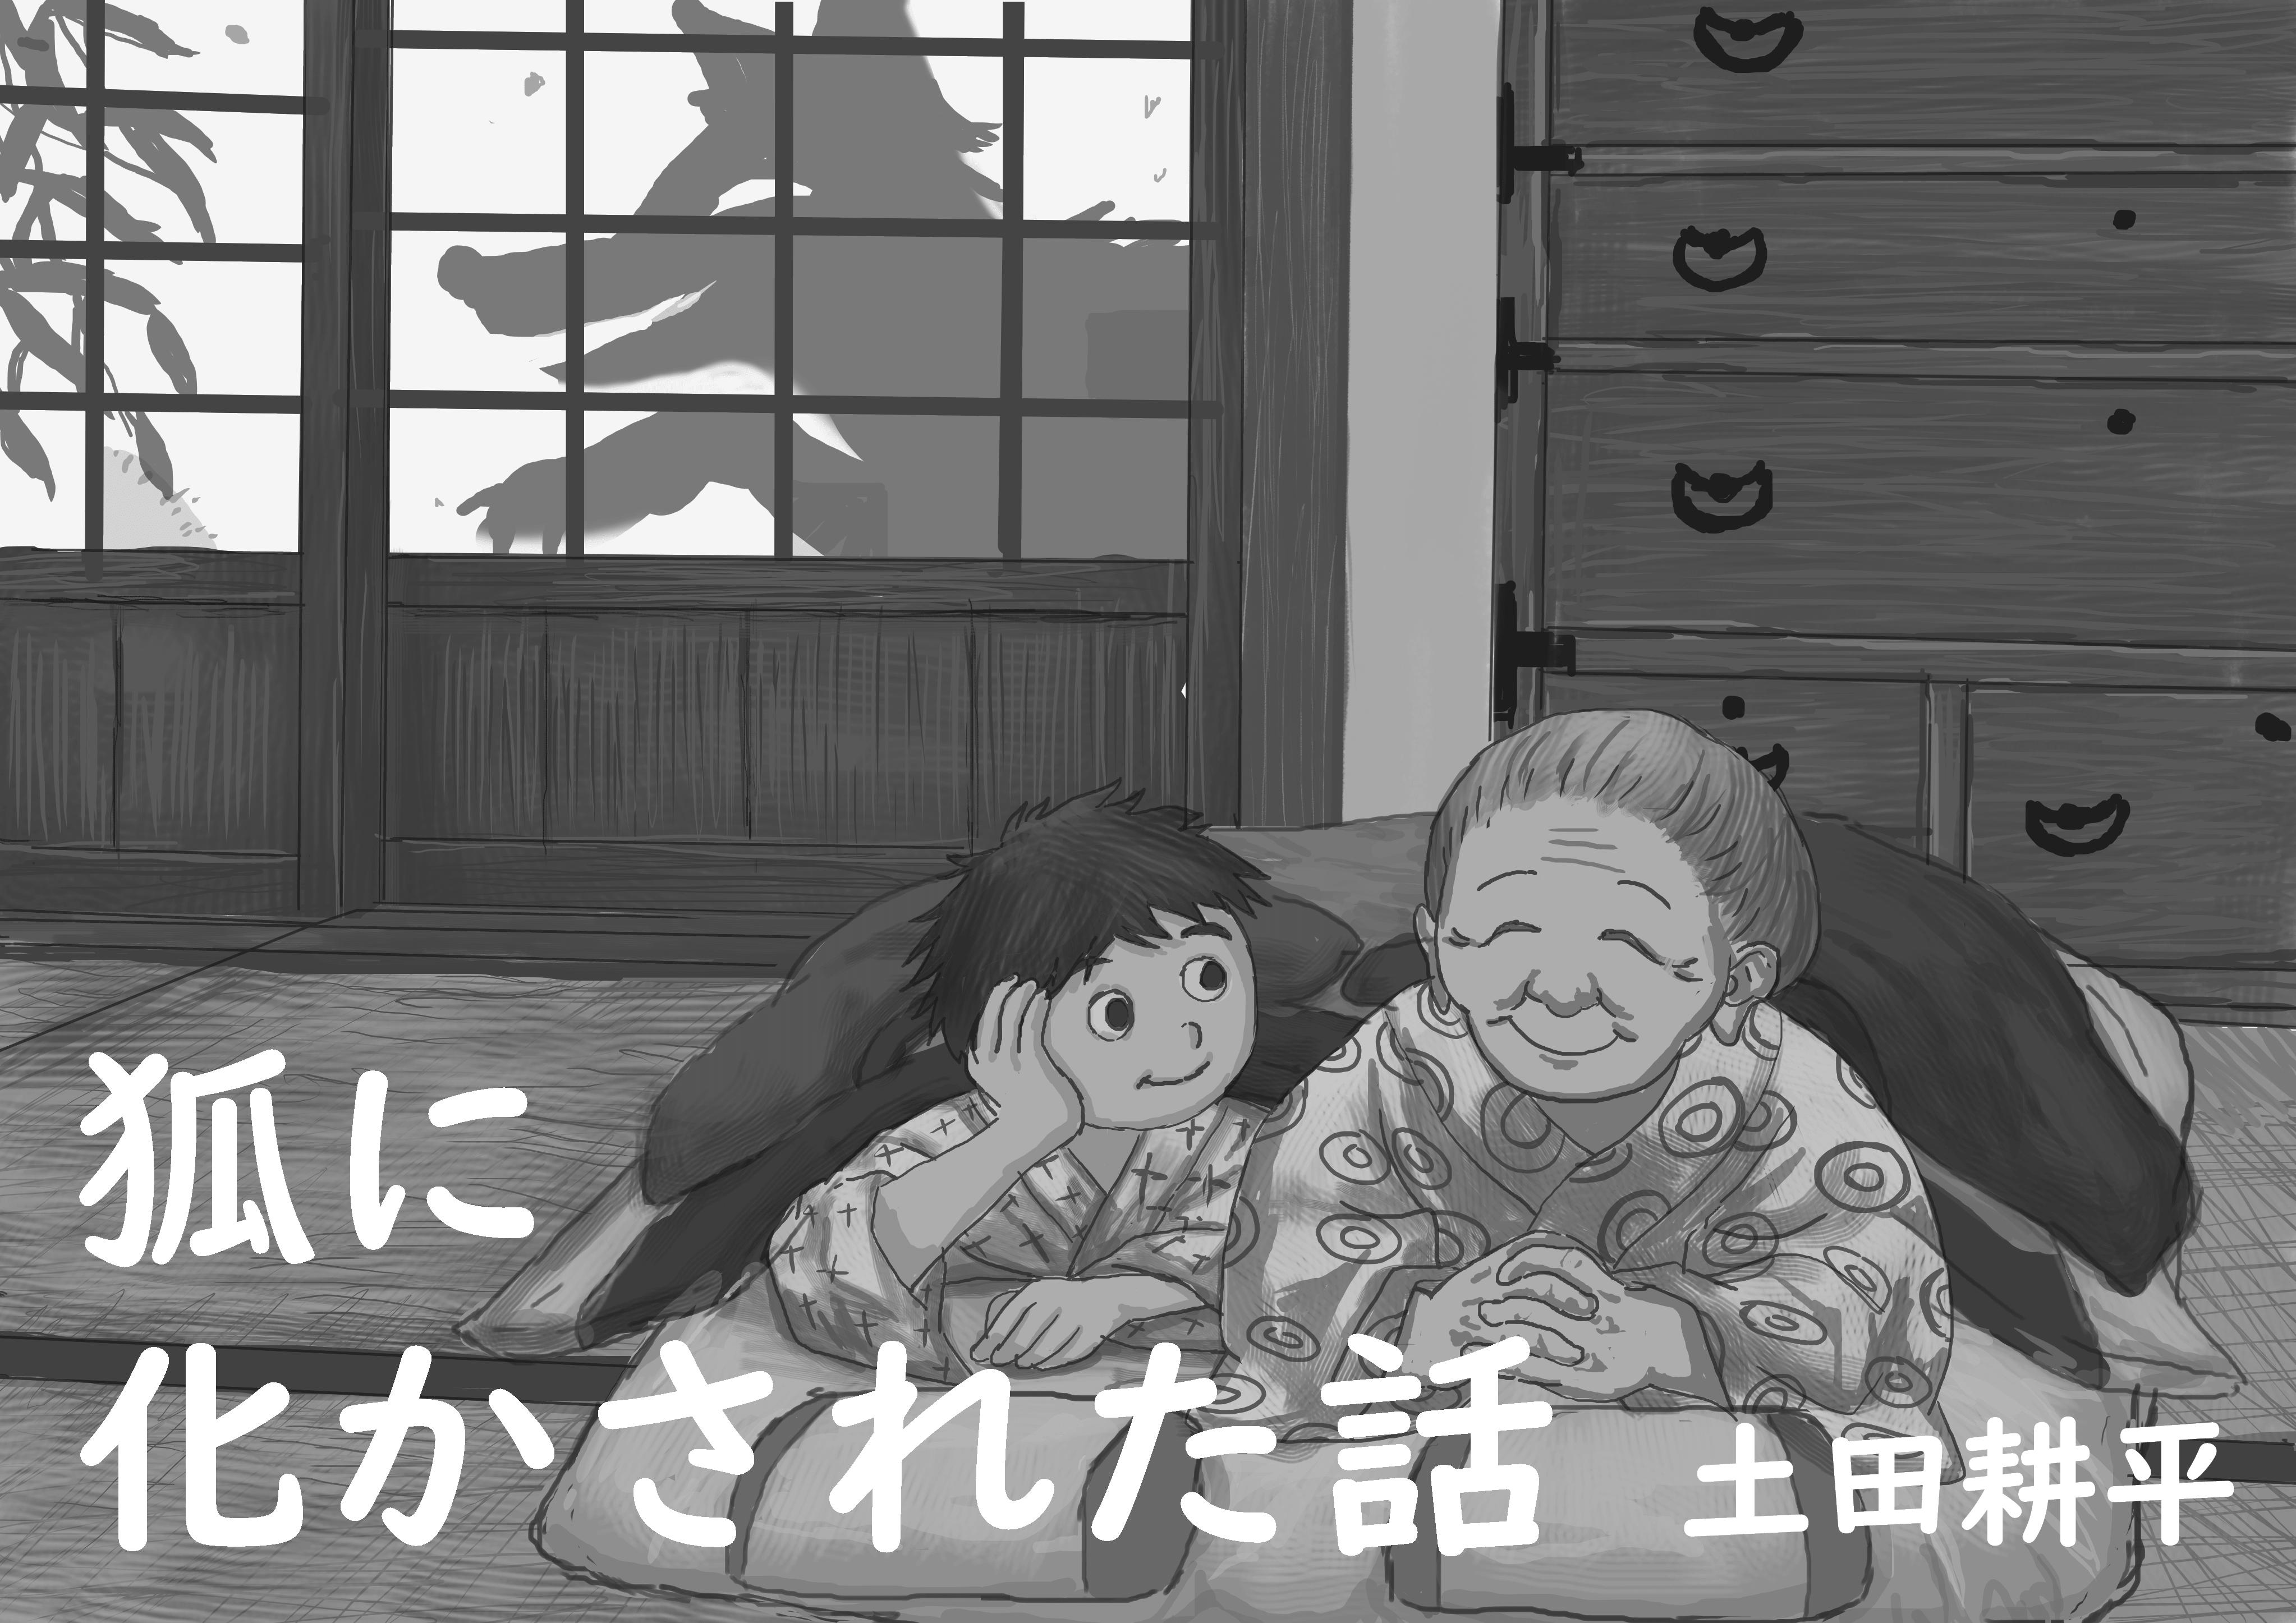 土田耕平『狐に化かされた話』メインビジュアル